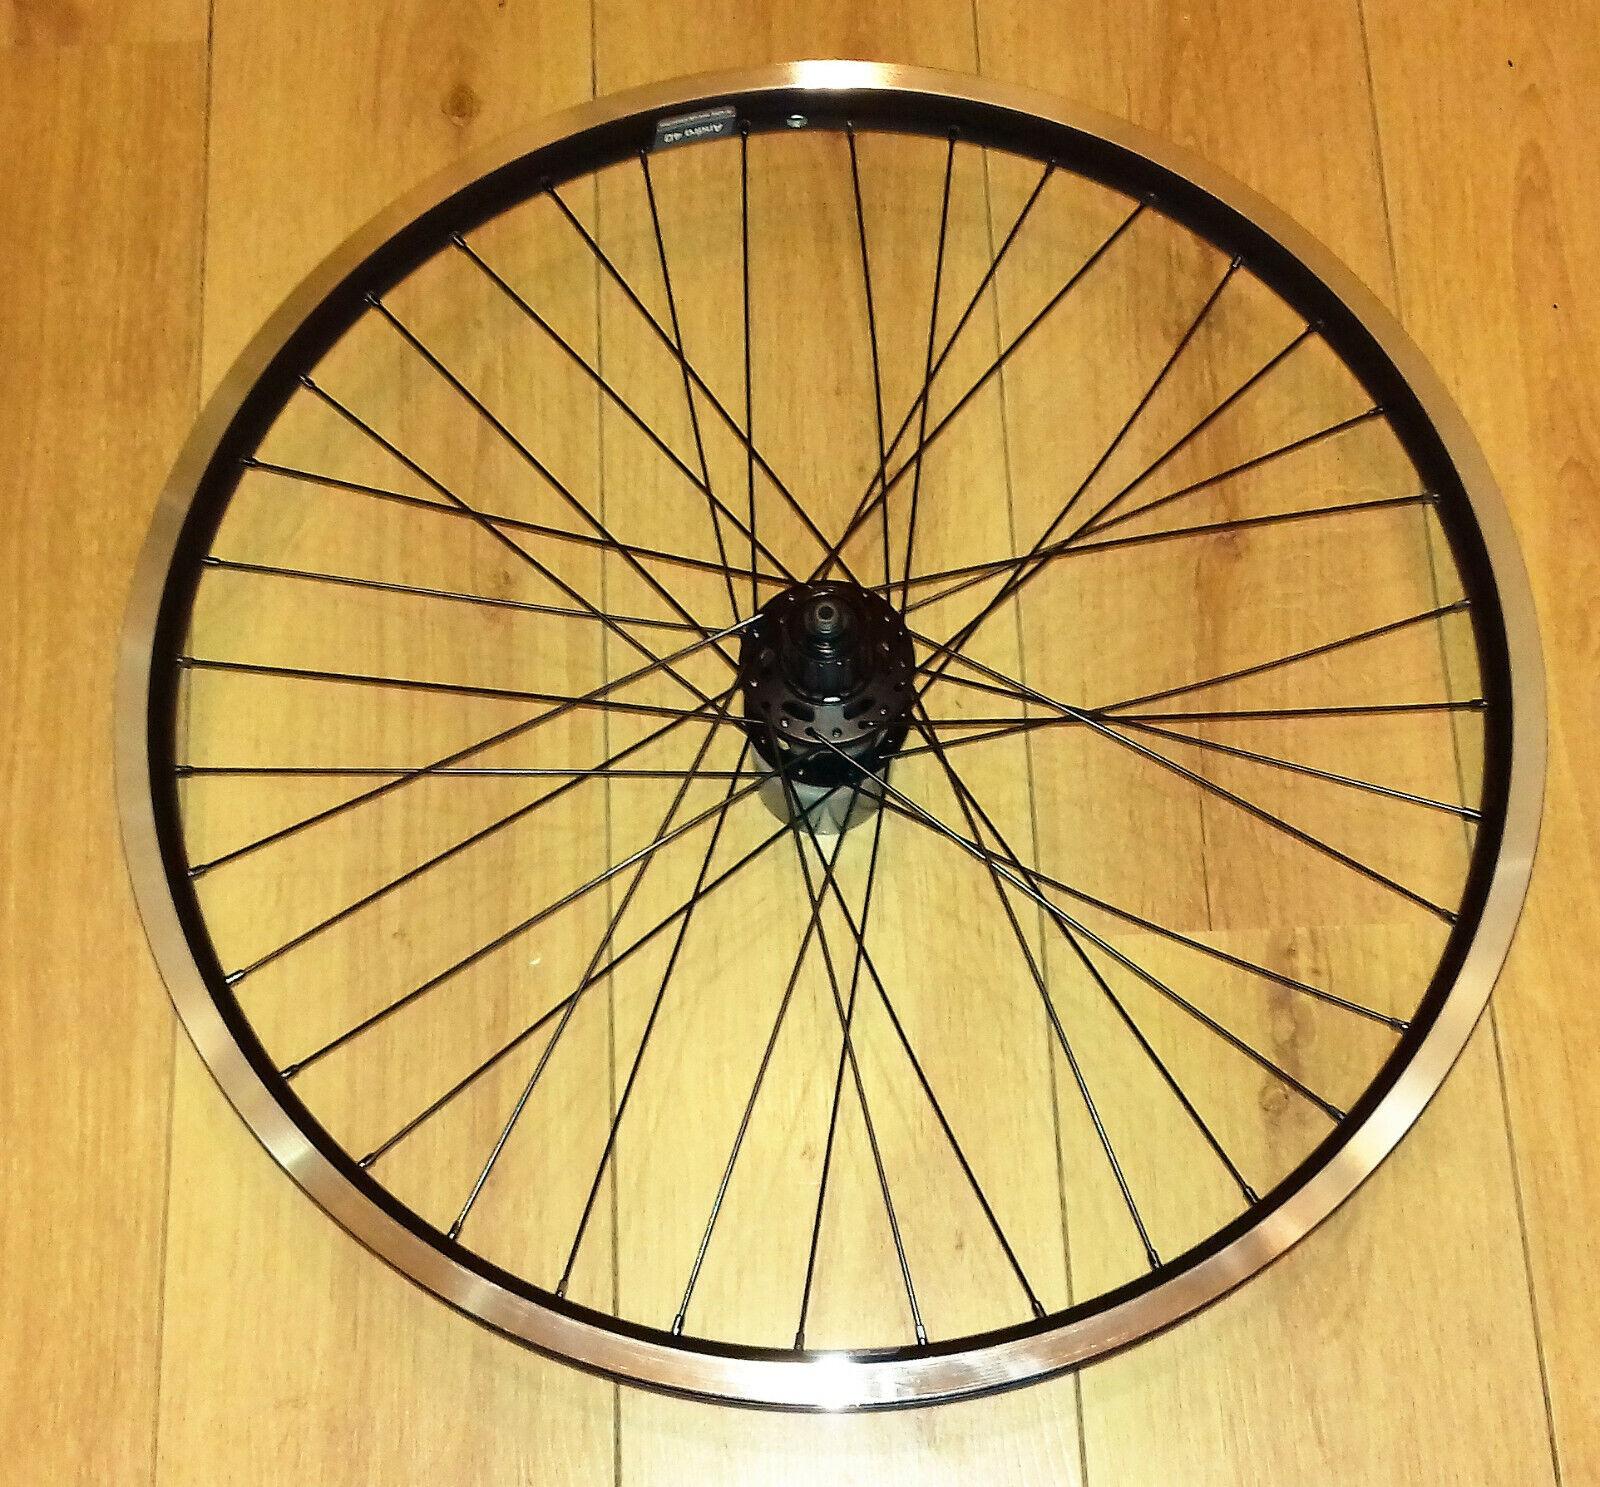 26 inch Ryde Andra 40 Rim, Shimano Deore XT M756 Hub Rear Wheel; Touring, Ebike